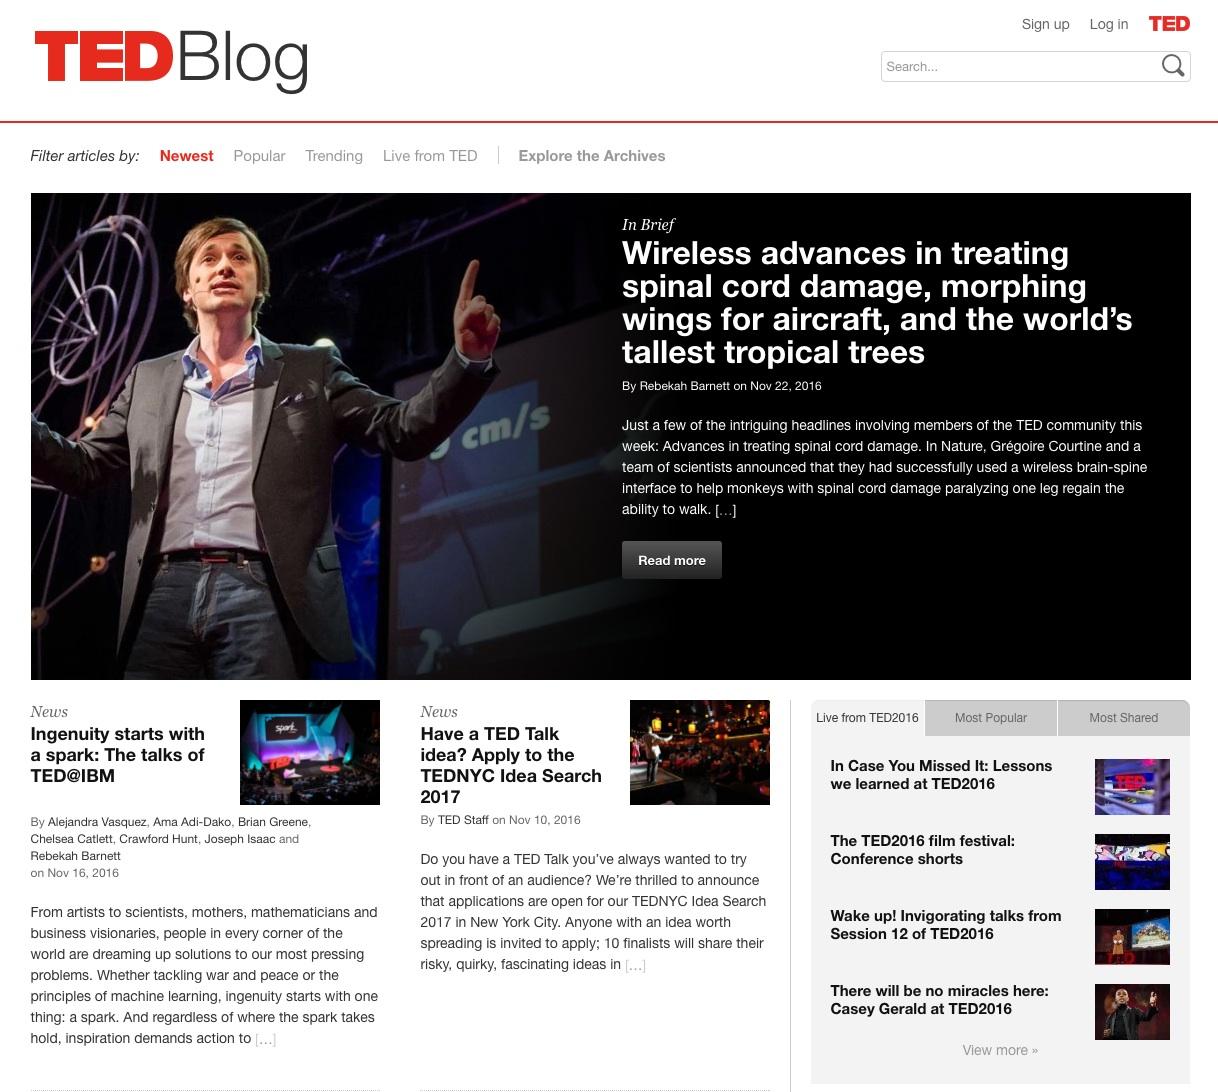 tipos de publicidad online : blogs